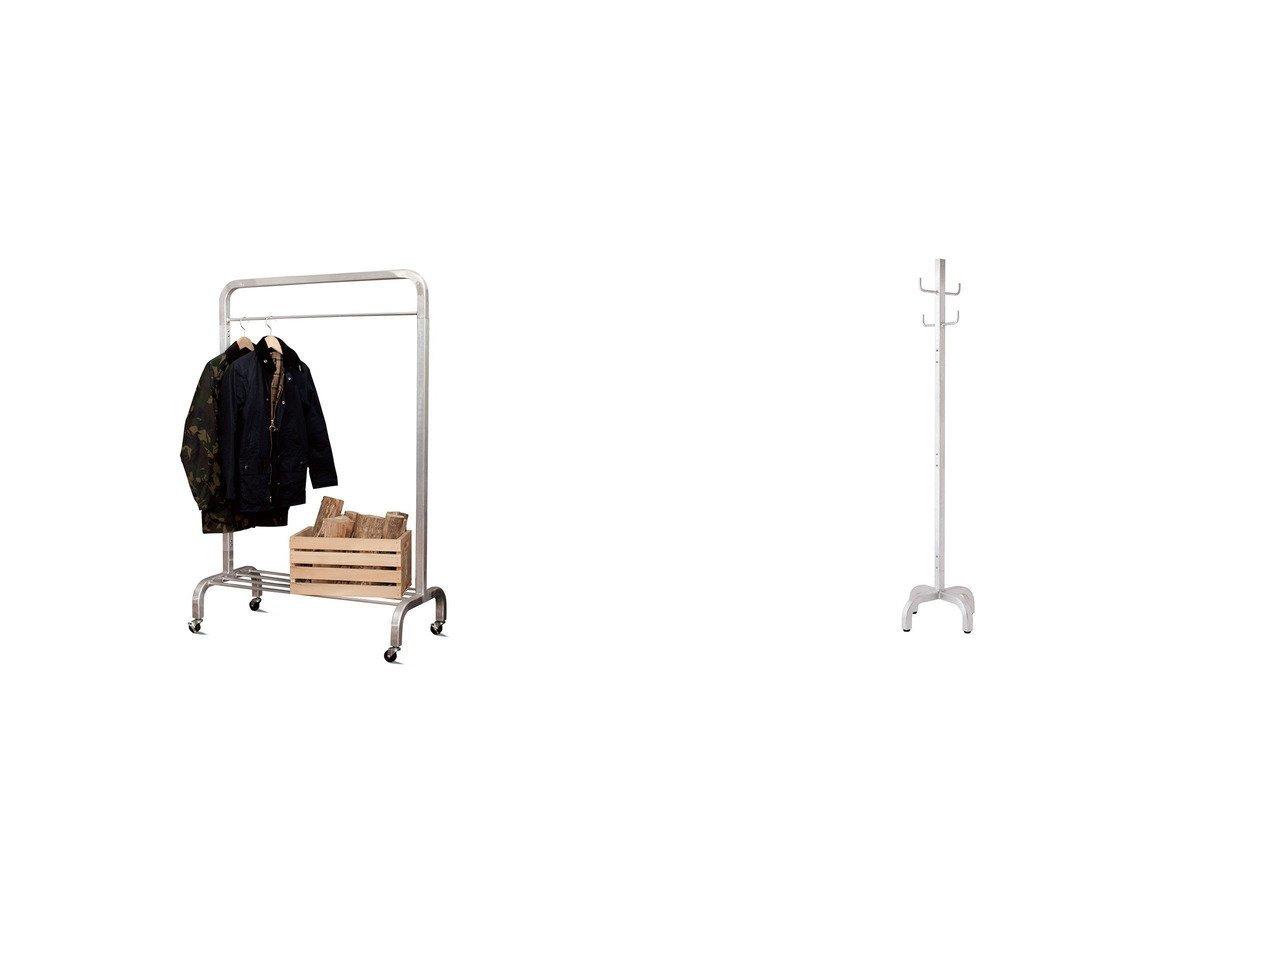 【HERMOSA/ハモサ】のカイルア ハンガーラック L&カイルア ポールハンガー 【FURNITURE】おすすめ!人気、インテリア・家具の通販 おすすめファッション通販アイテム インテリア・キッズ・メンズ・レディースファッション・服の通販 founy(ファニー)  送料無料 Free Shipping 軽量 |ID:crp329100000037346